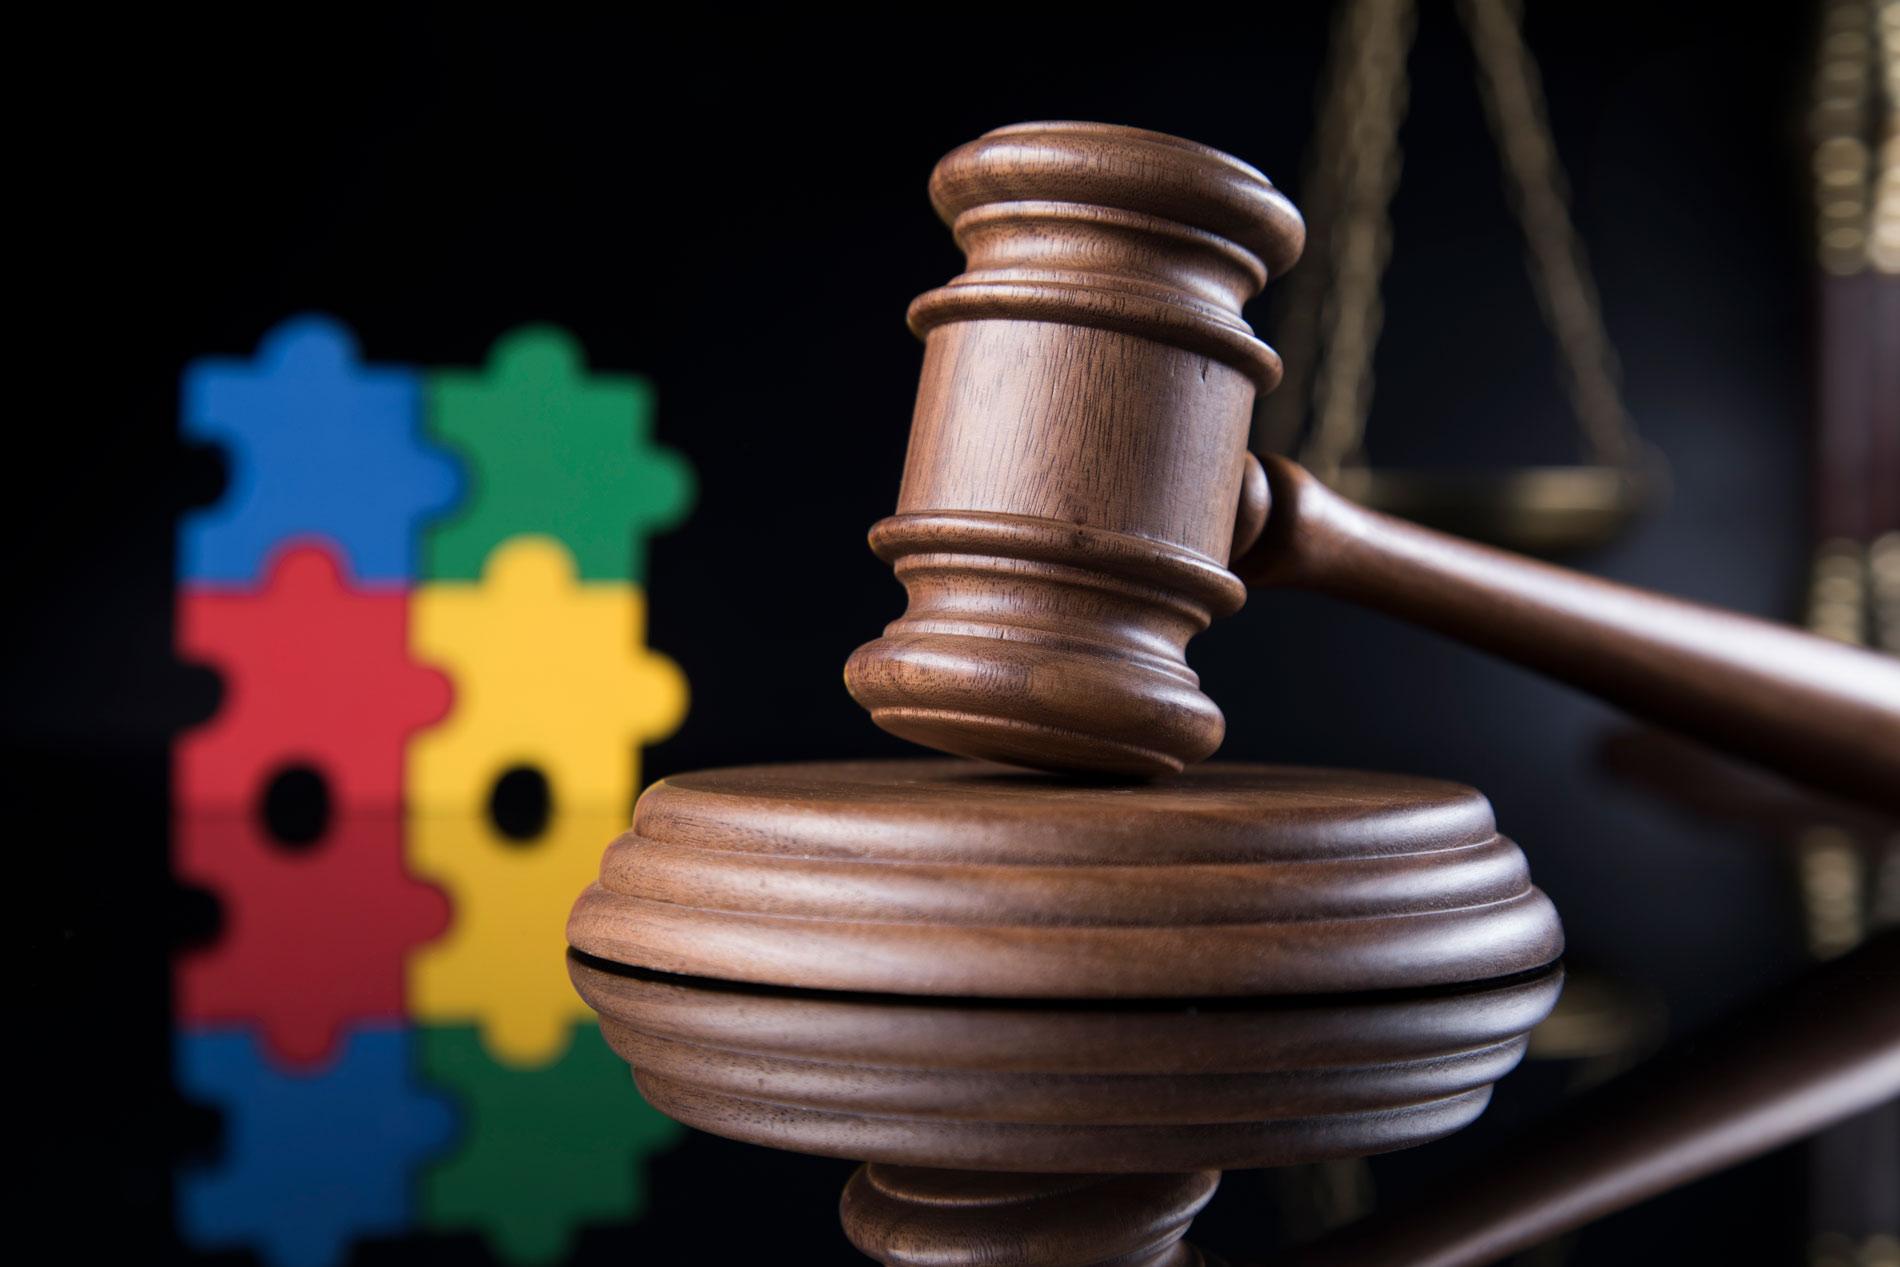 Teilungsversteigerung: Wenn Erben sich nicht einig werden 1